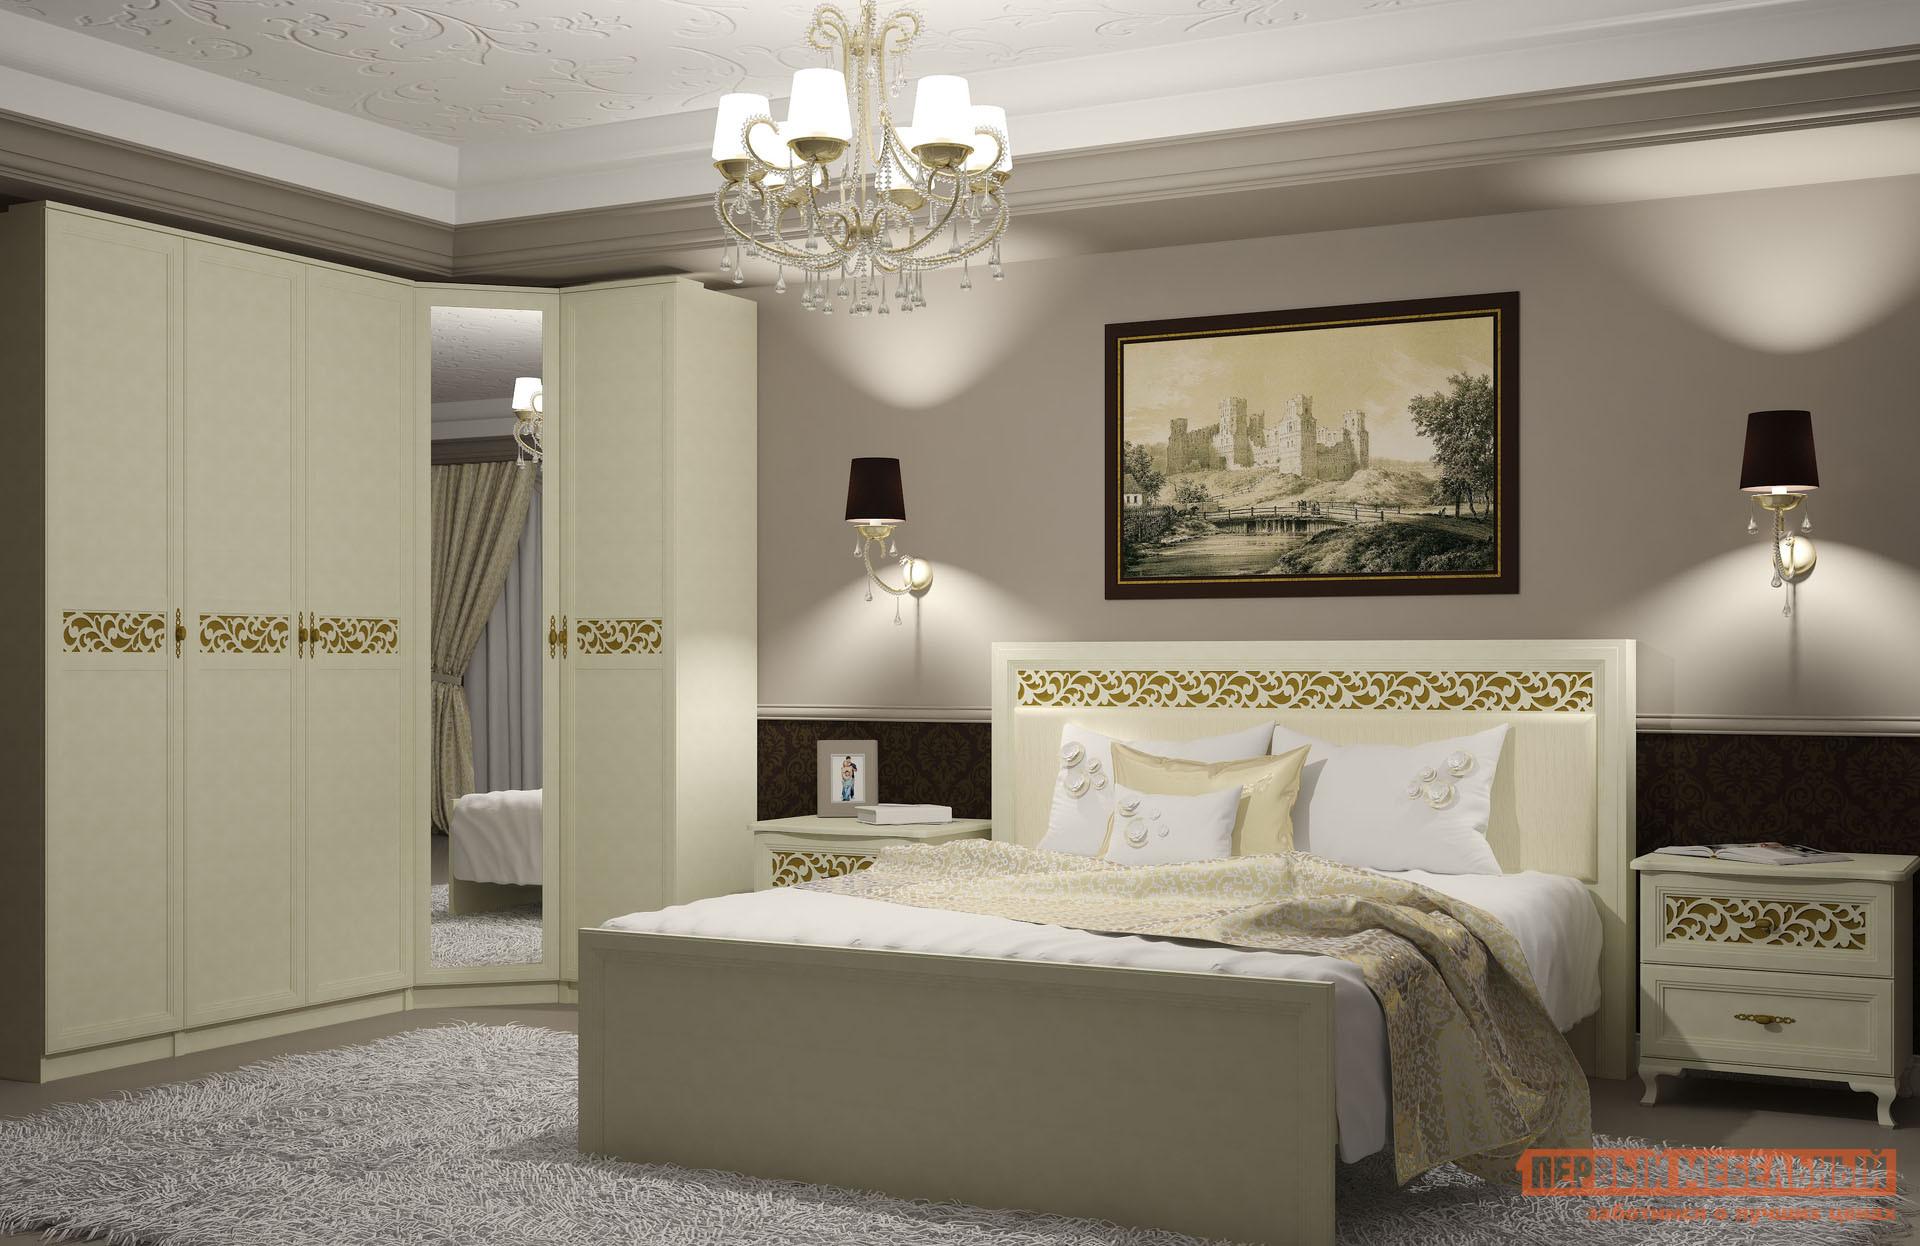 Комплект мебели для спальни ТД Арника Ливадия К1 комплект мебели для спальни тд арника амели венге к1